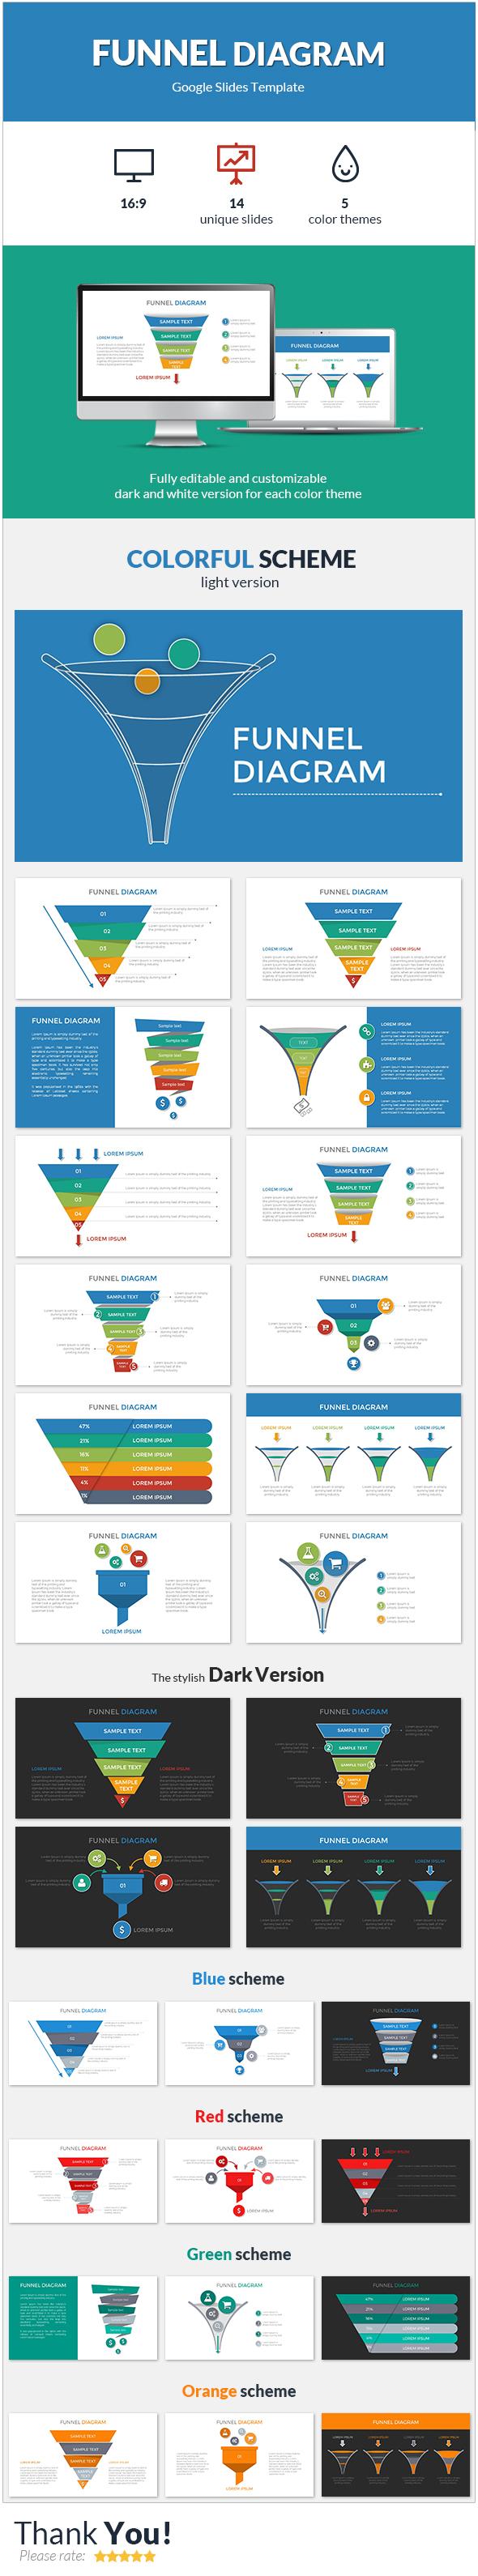 Funnel Diagram Google Slides Template - Google Slides Presentation Templates